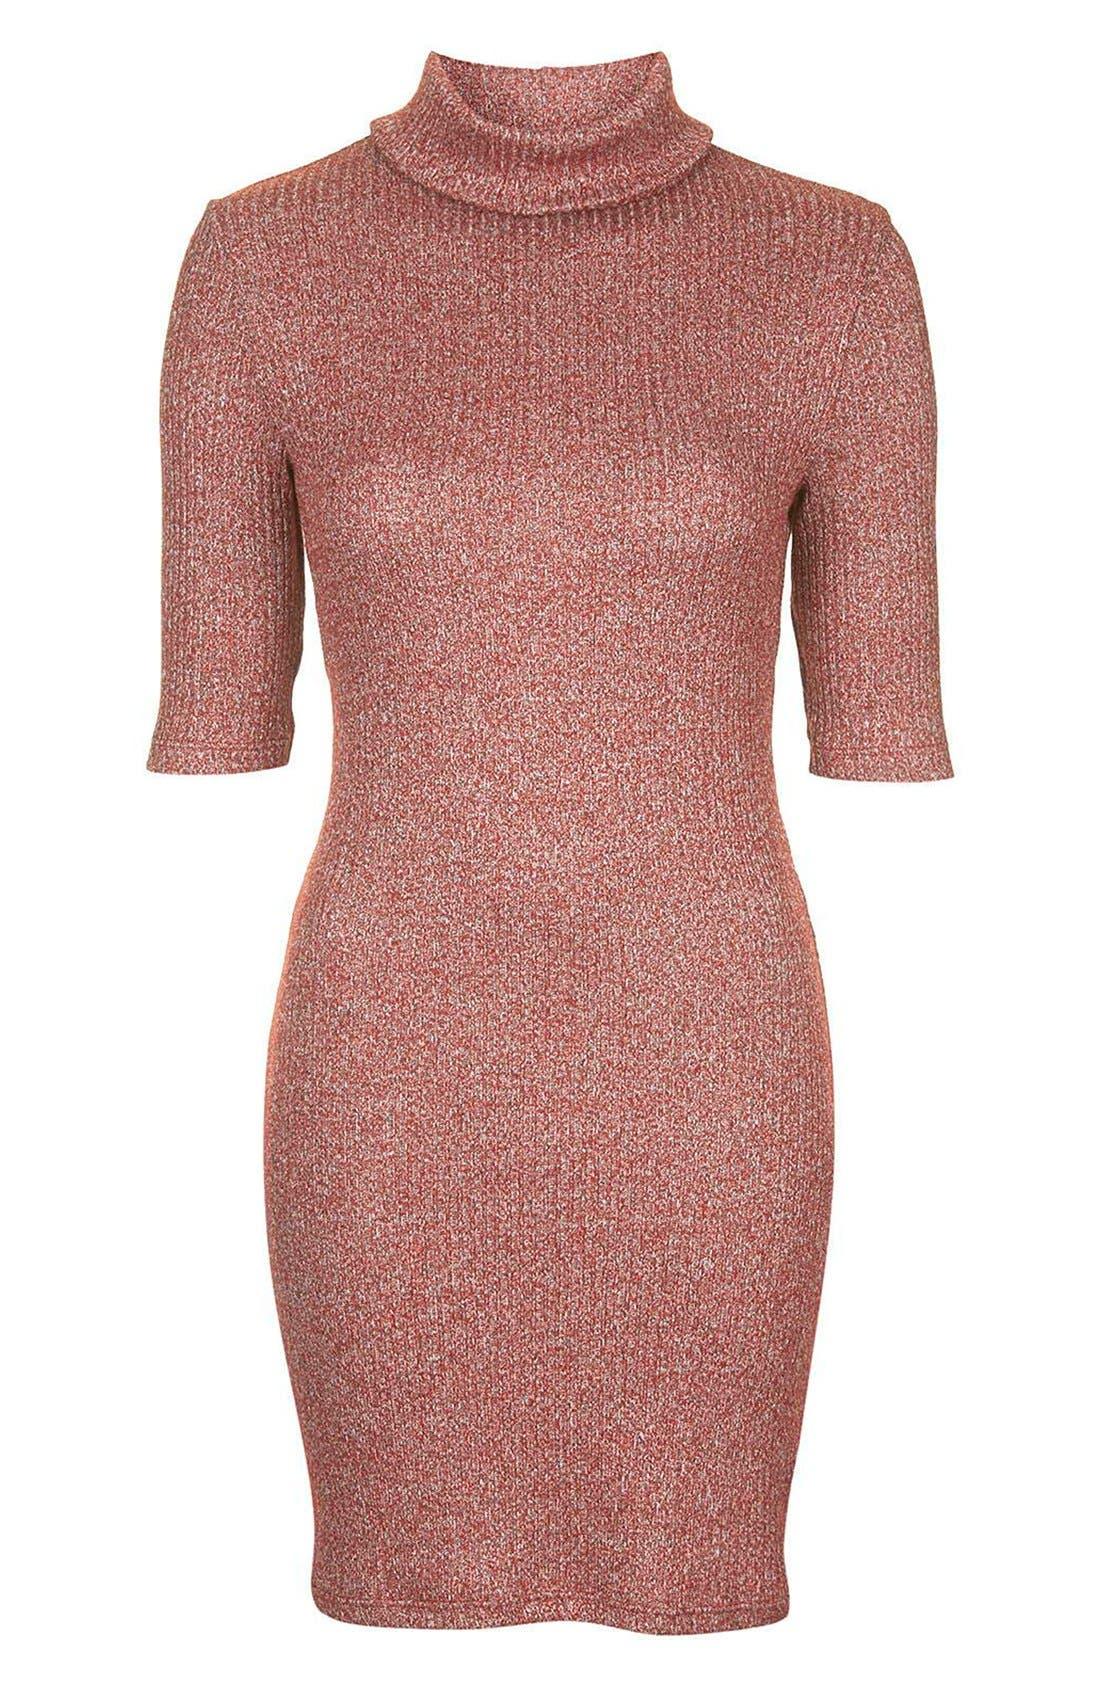 Alternate Image 4  - Topshop Ribbed Turtleneck Dress